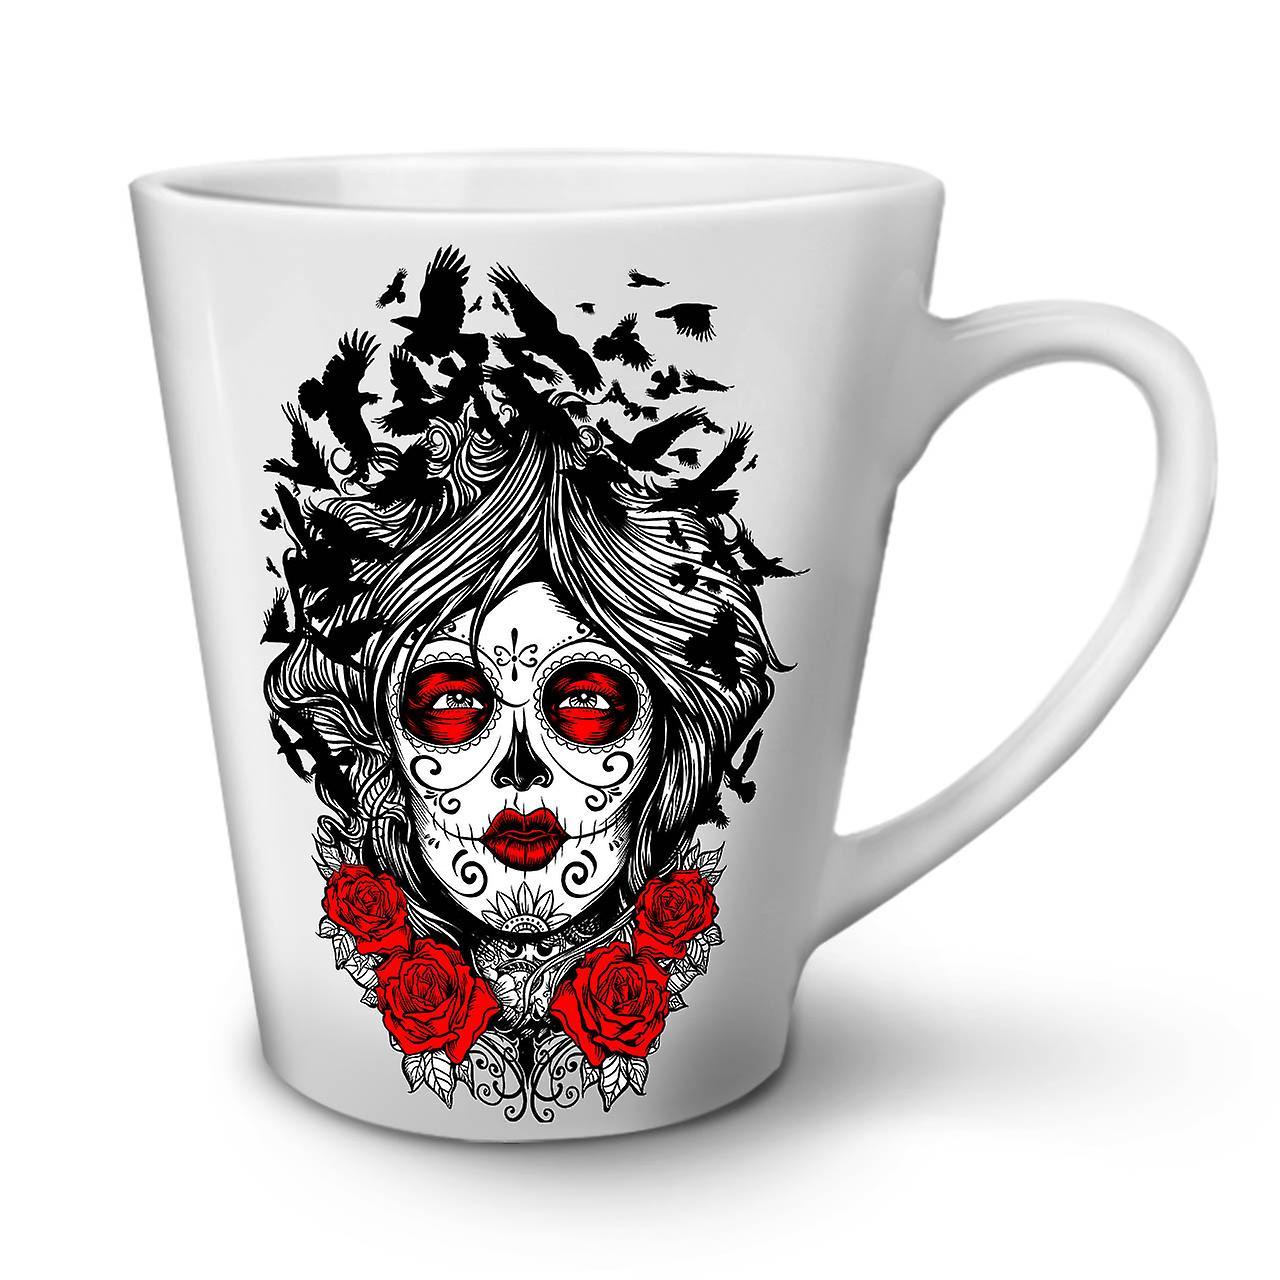 OzWellcoda Céramique Rose Horreur En Mug 12 Blanc Thé Latte Nouveau Café Art Visage Fille EDYH9W2I